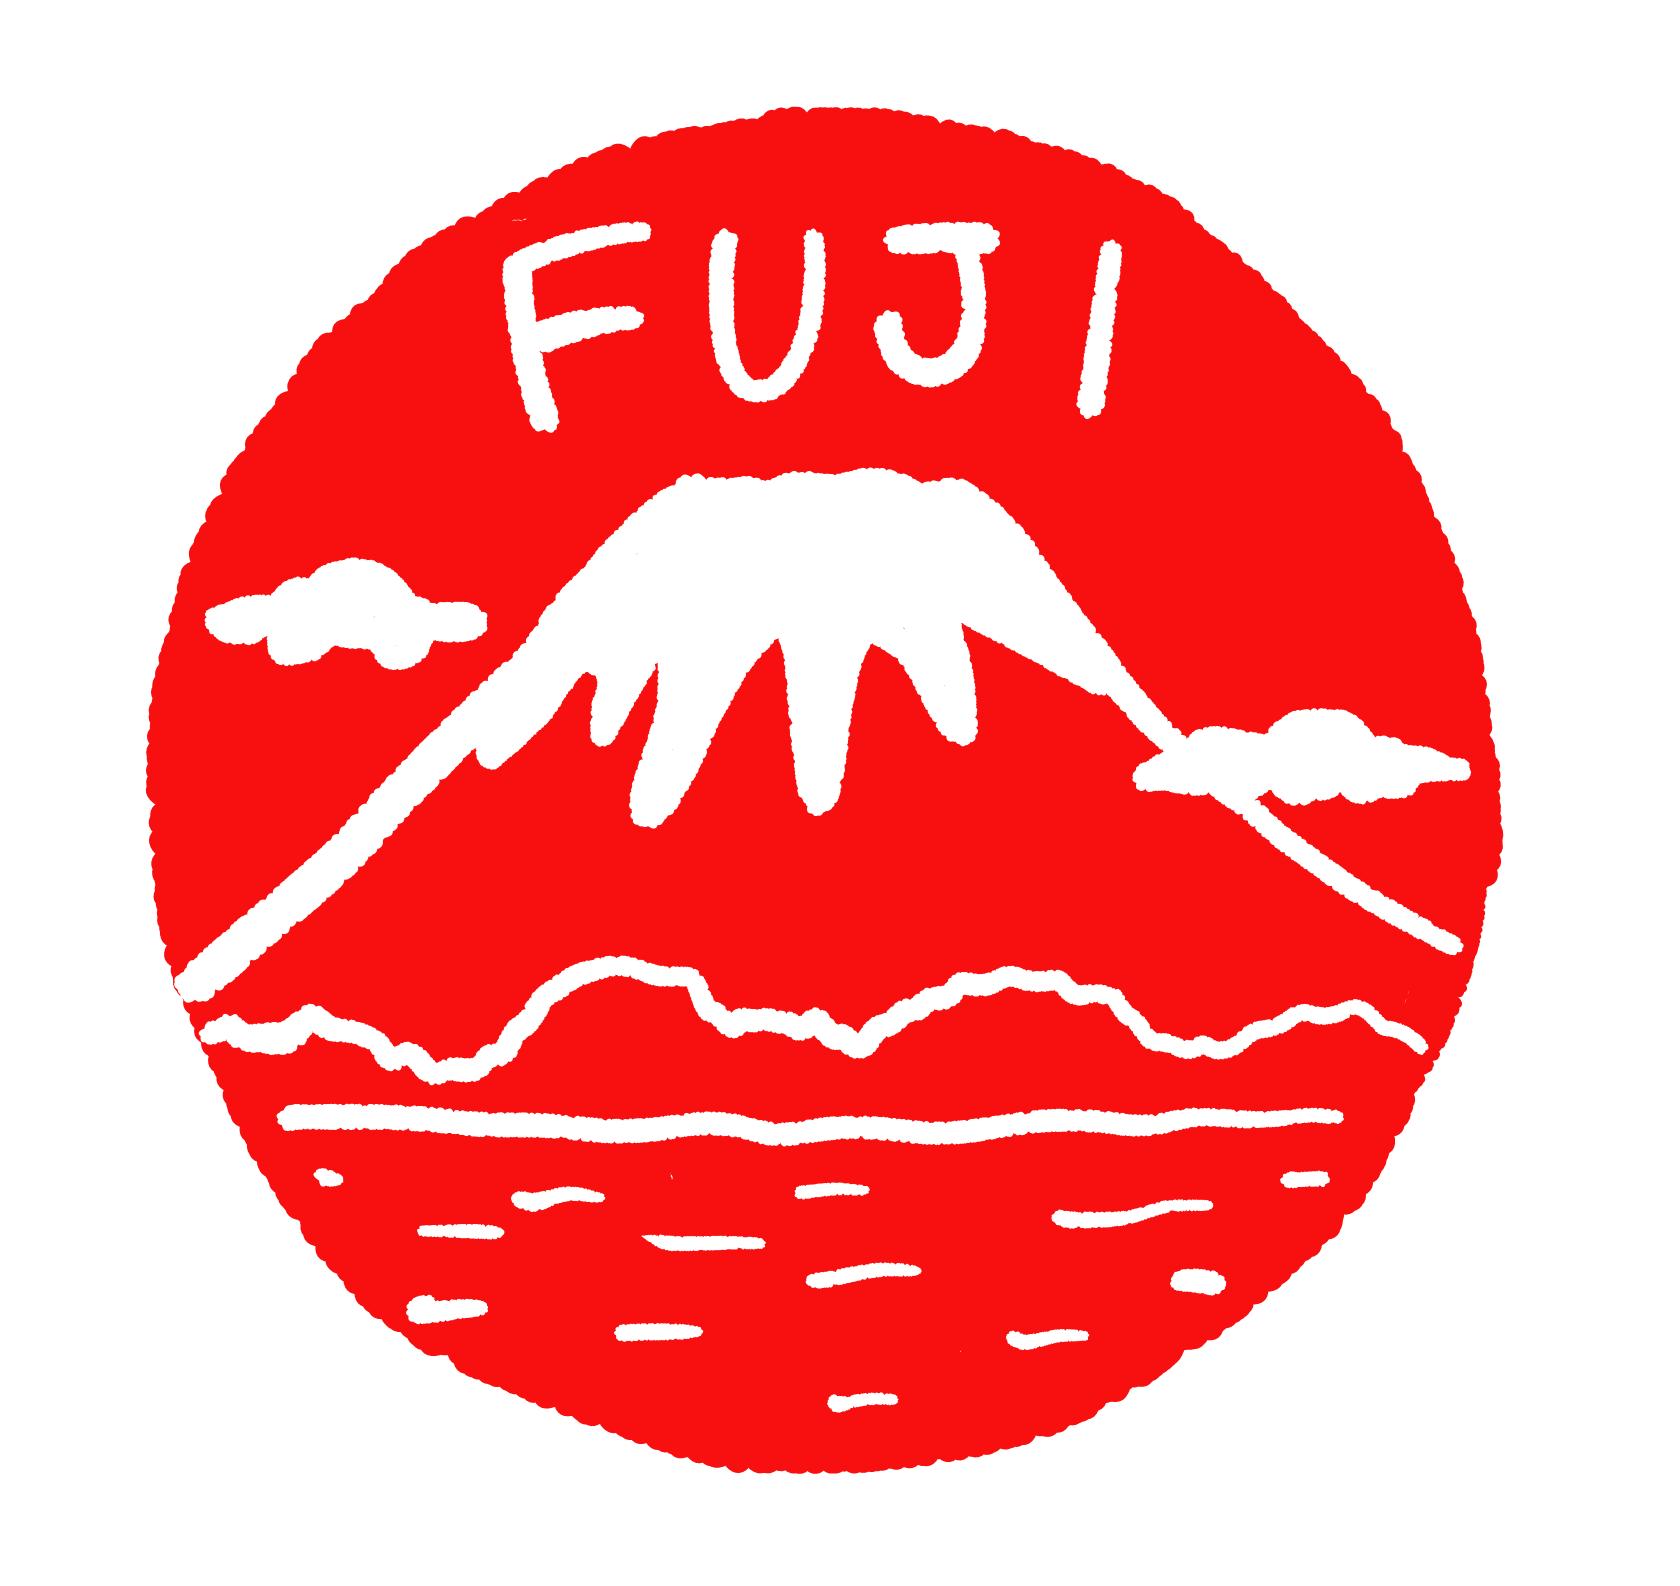 Fuji富士山のはんこスタンプ年賀状素材イラスト 無料イラスト